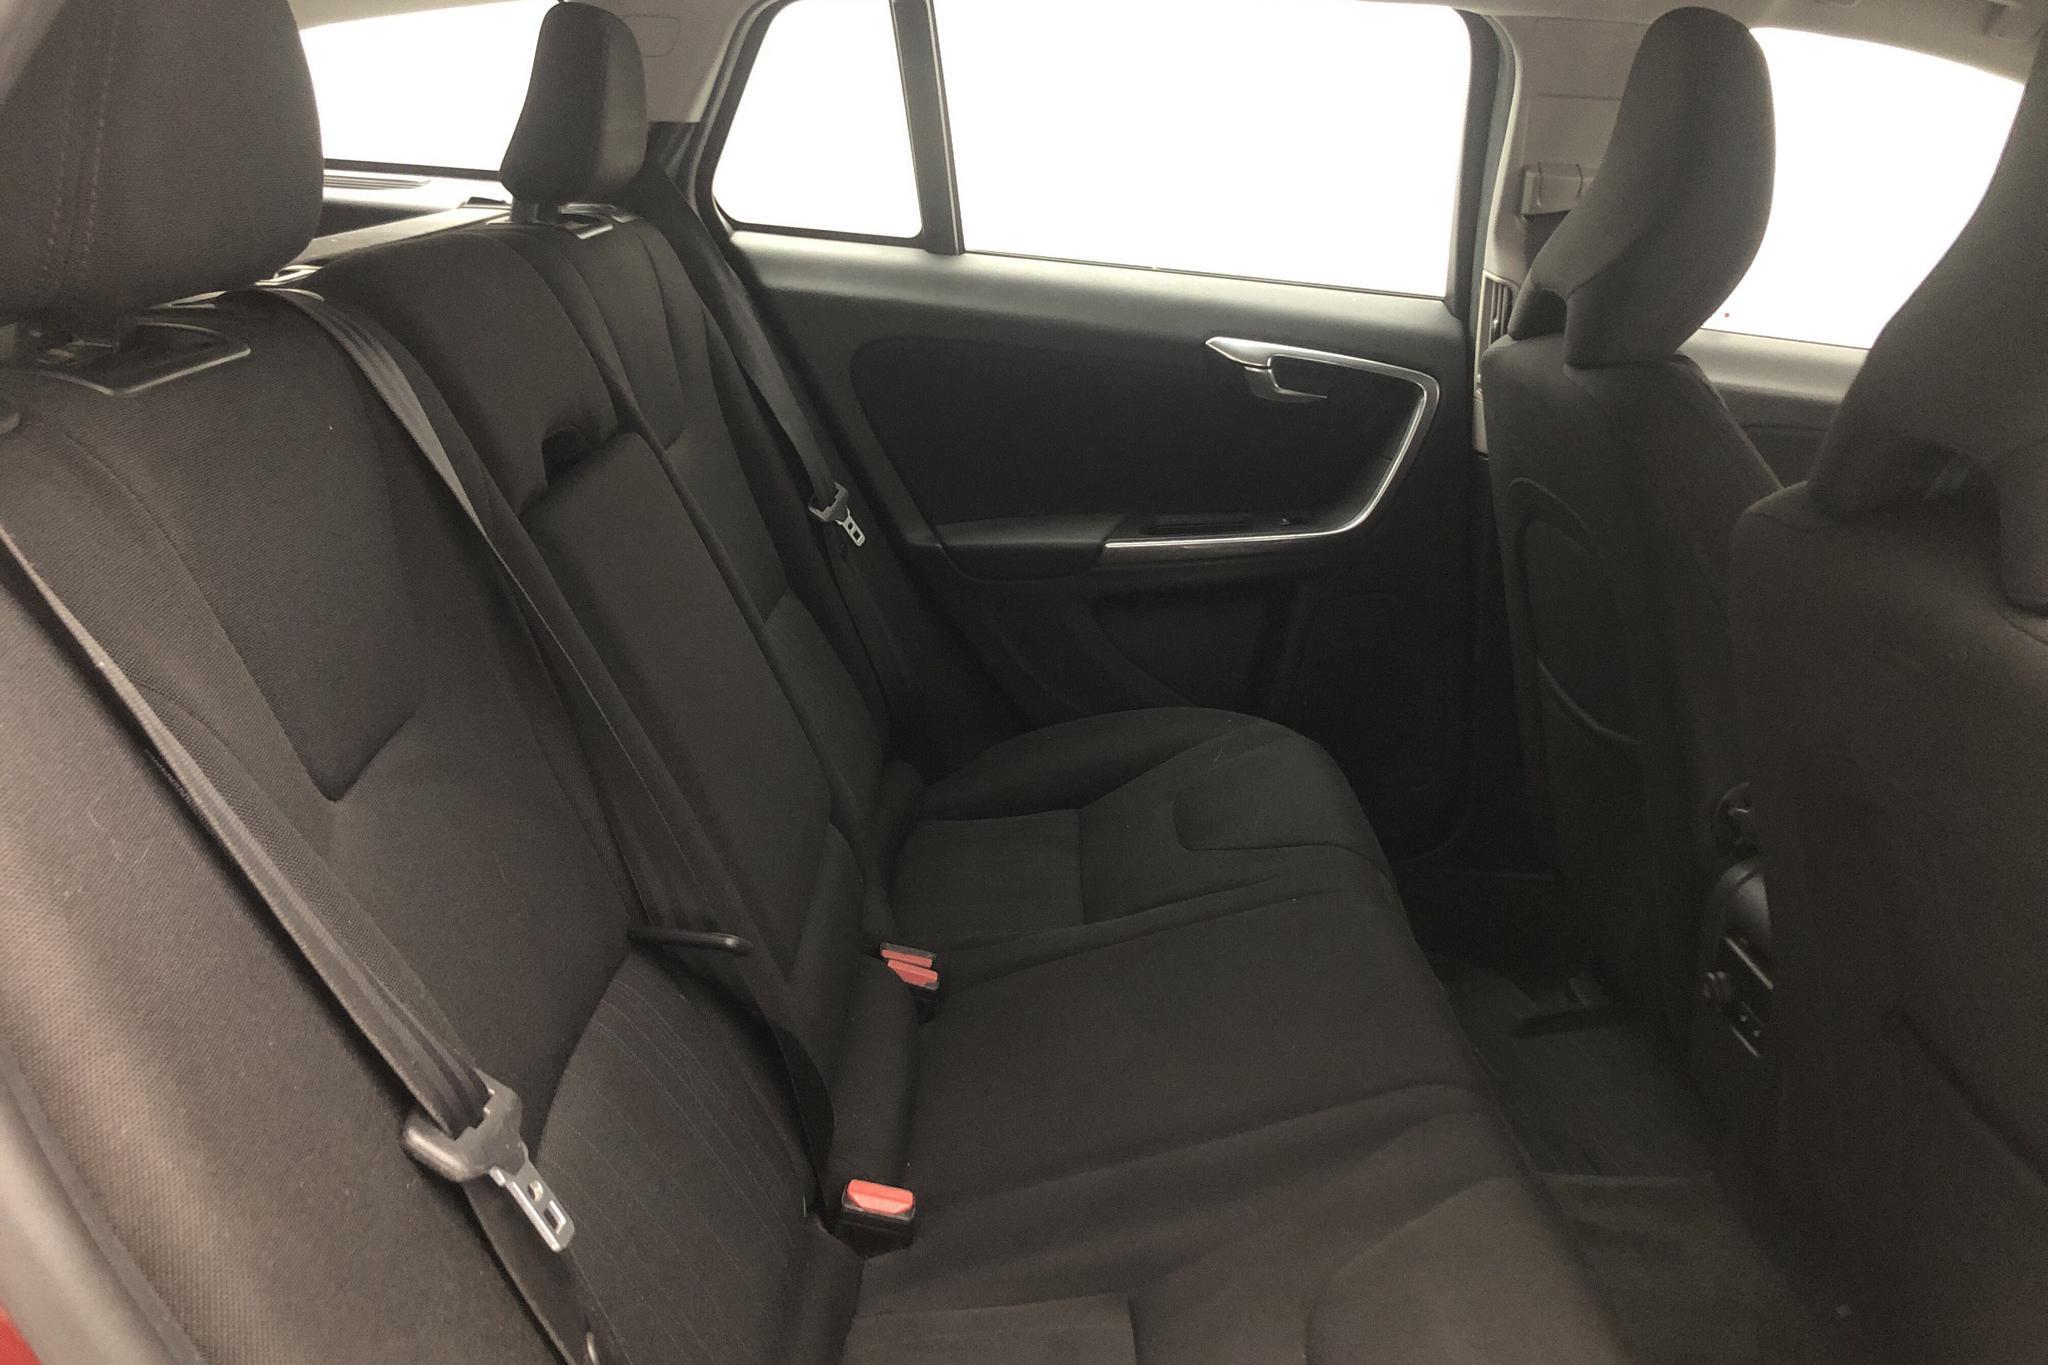 Volvo V60 1.6D DRIVe (115hk) - 254 190 km - Manual - red - 2012